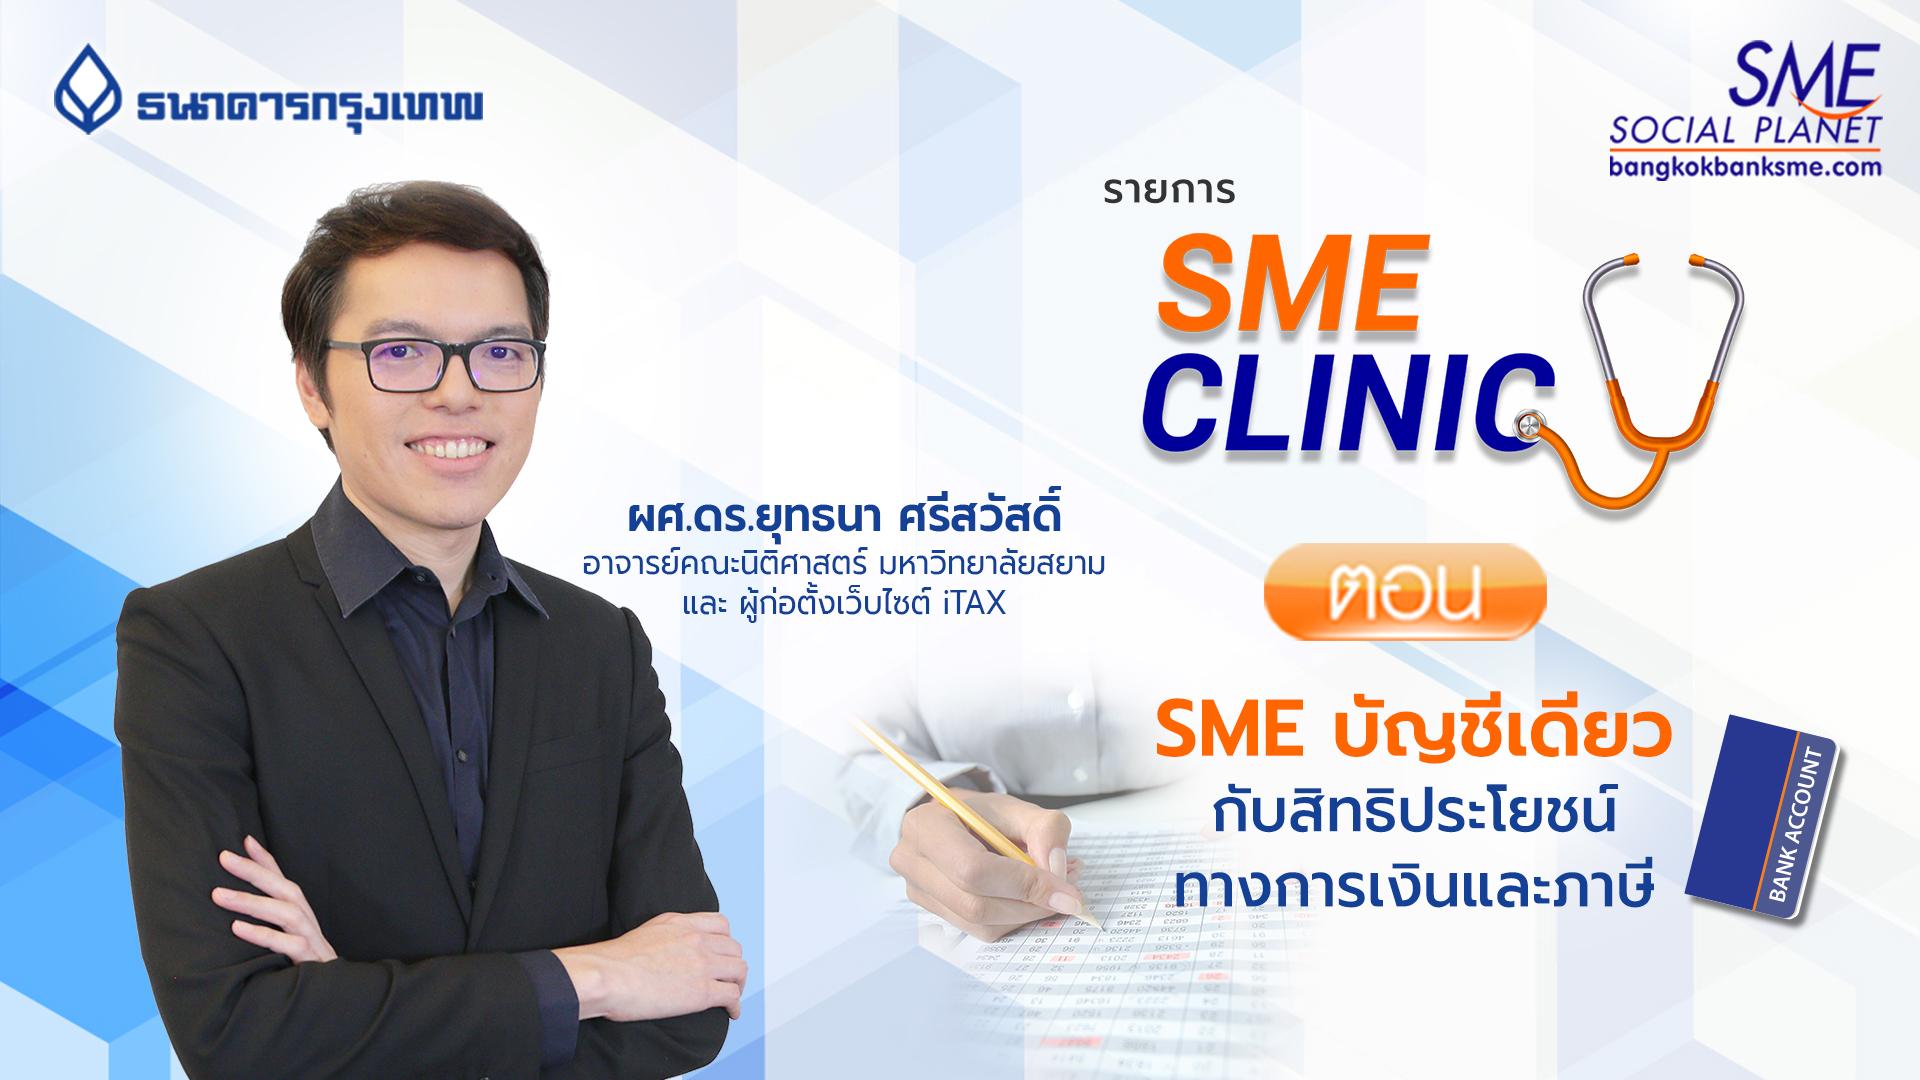 ข้อดีของการทำ SME บัญชีเดียว